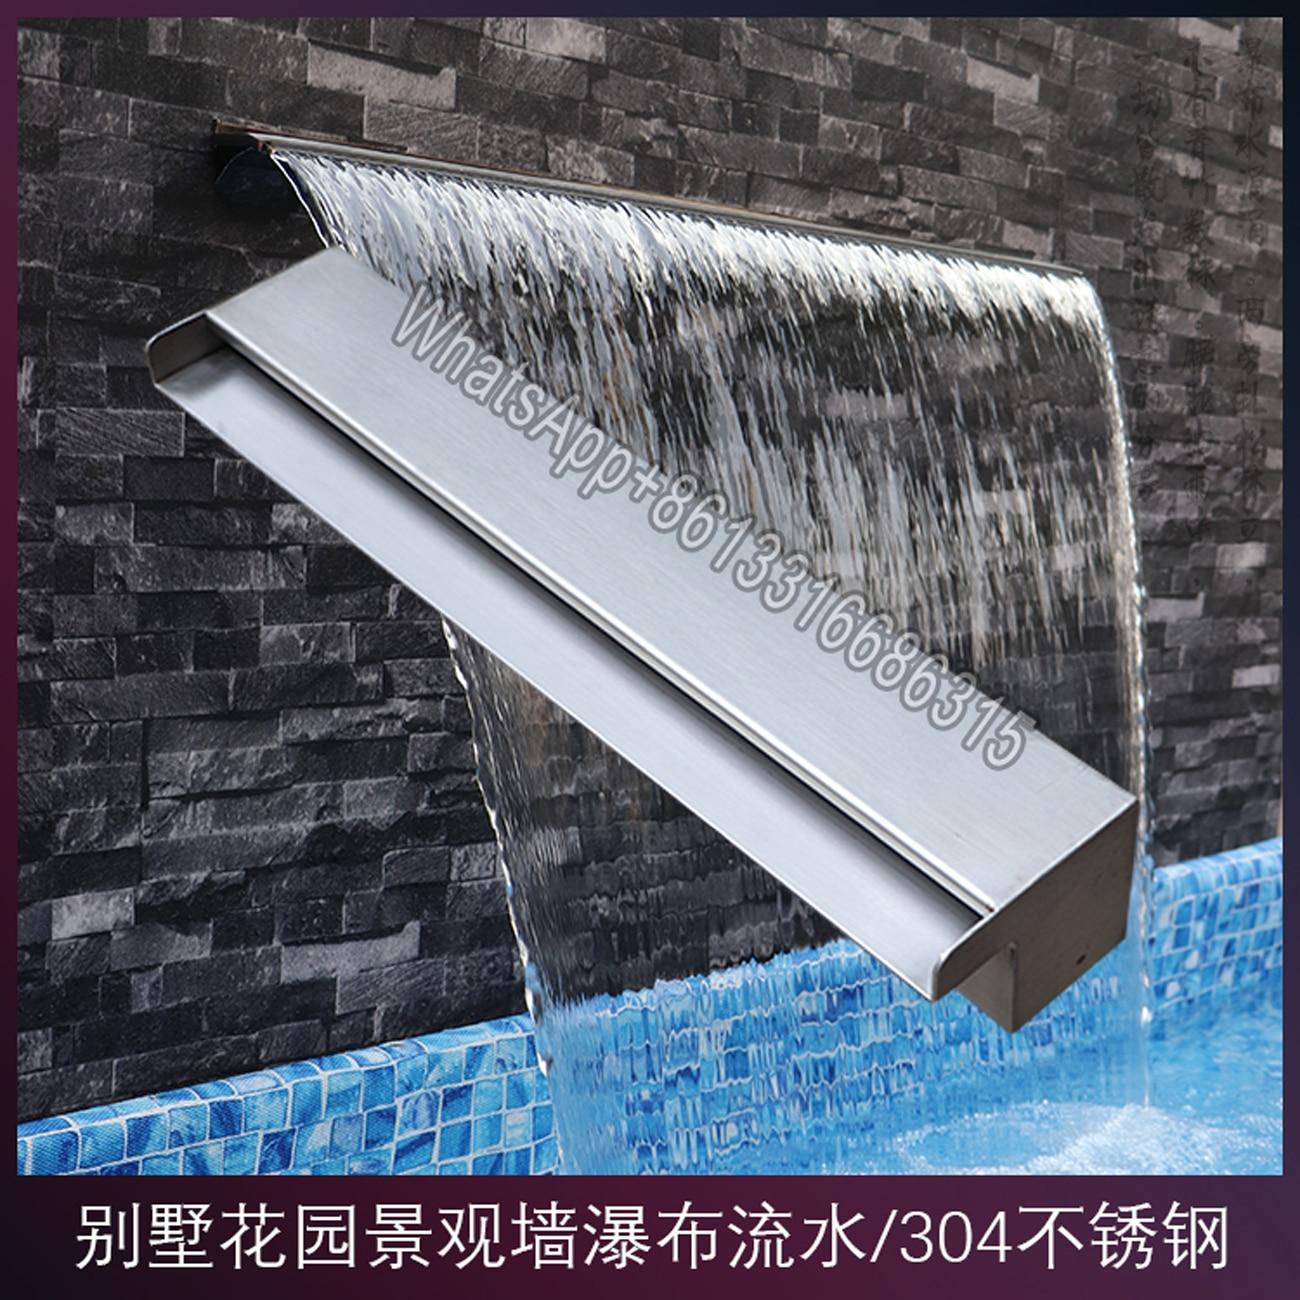 فوهة شلال لحمام السباحة من الفولاذ المقاوم للصدأ ، نافورة حائط ، شلال ، 304